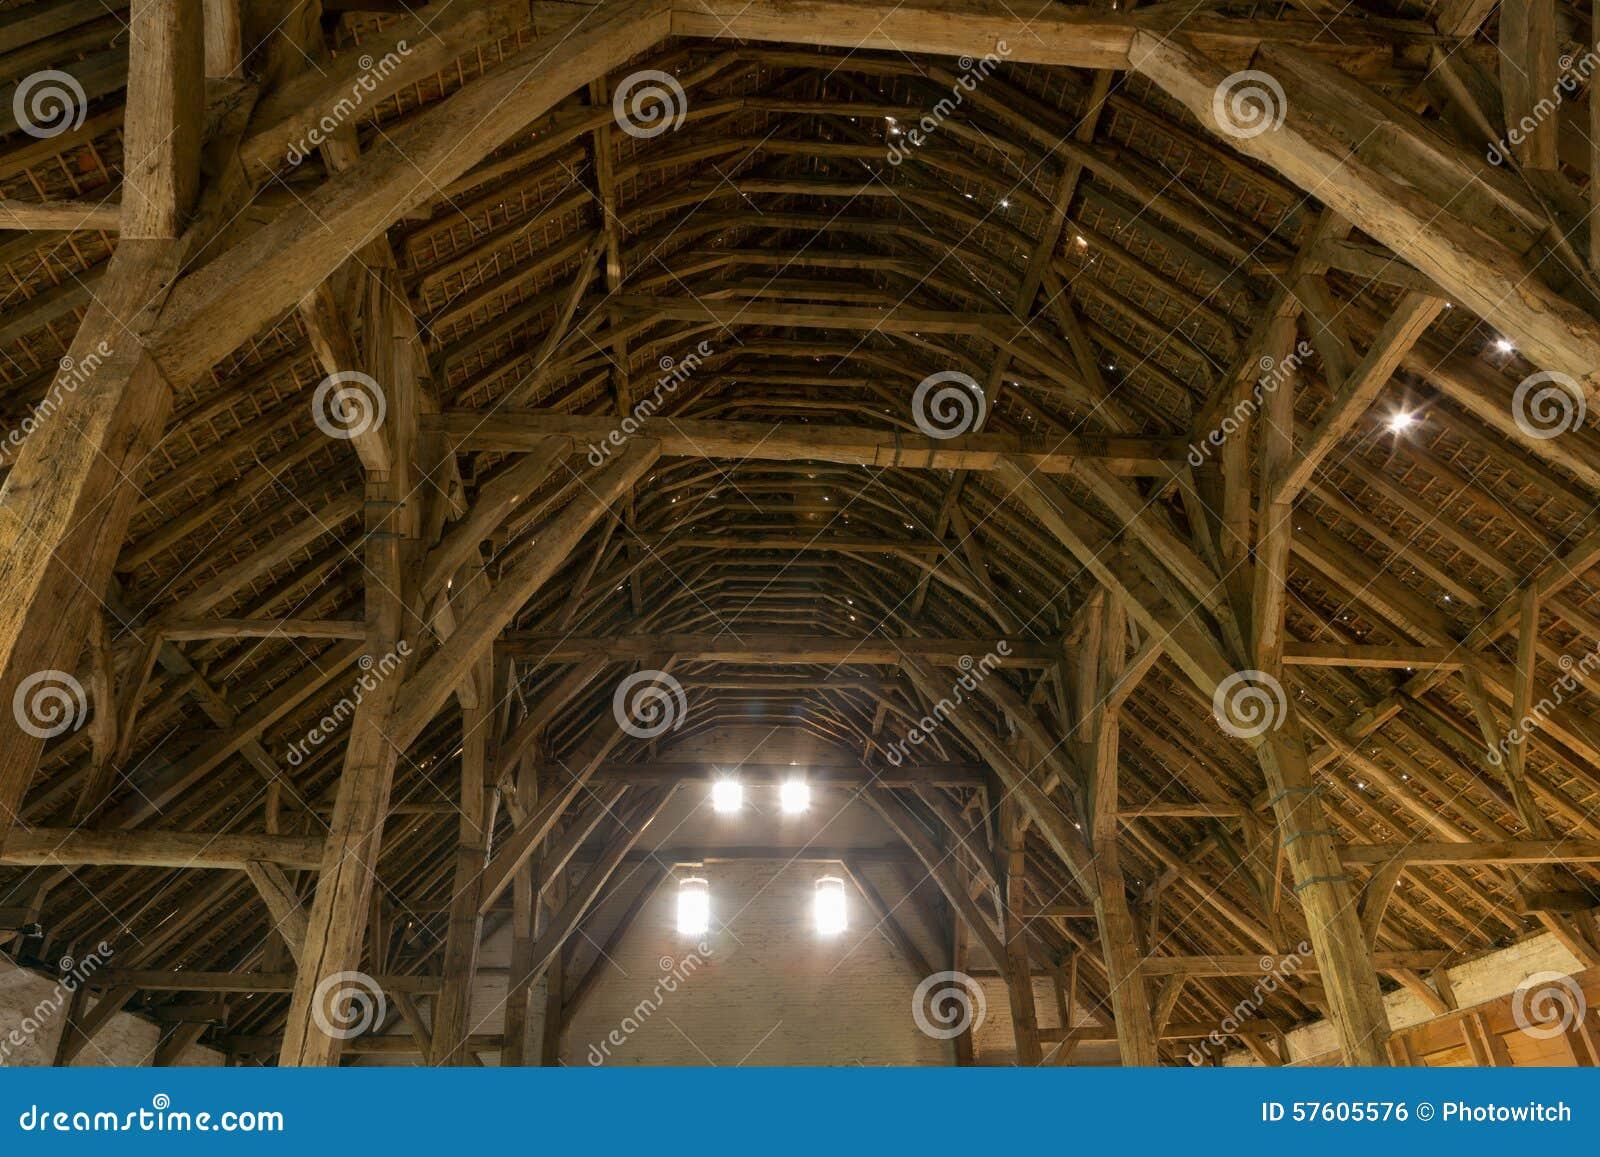 Μεσαιωνική σιταποθήκη στη Φλαμανδική περιοχή